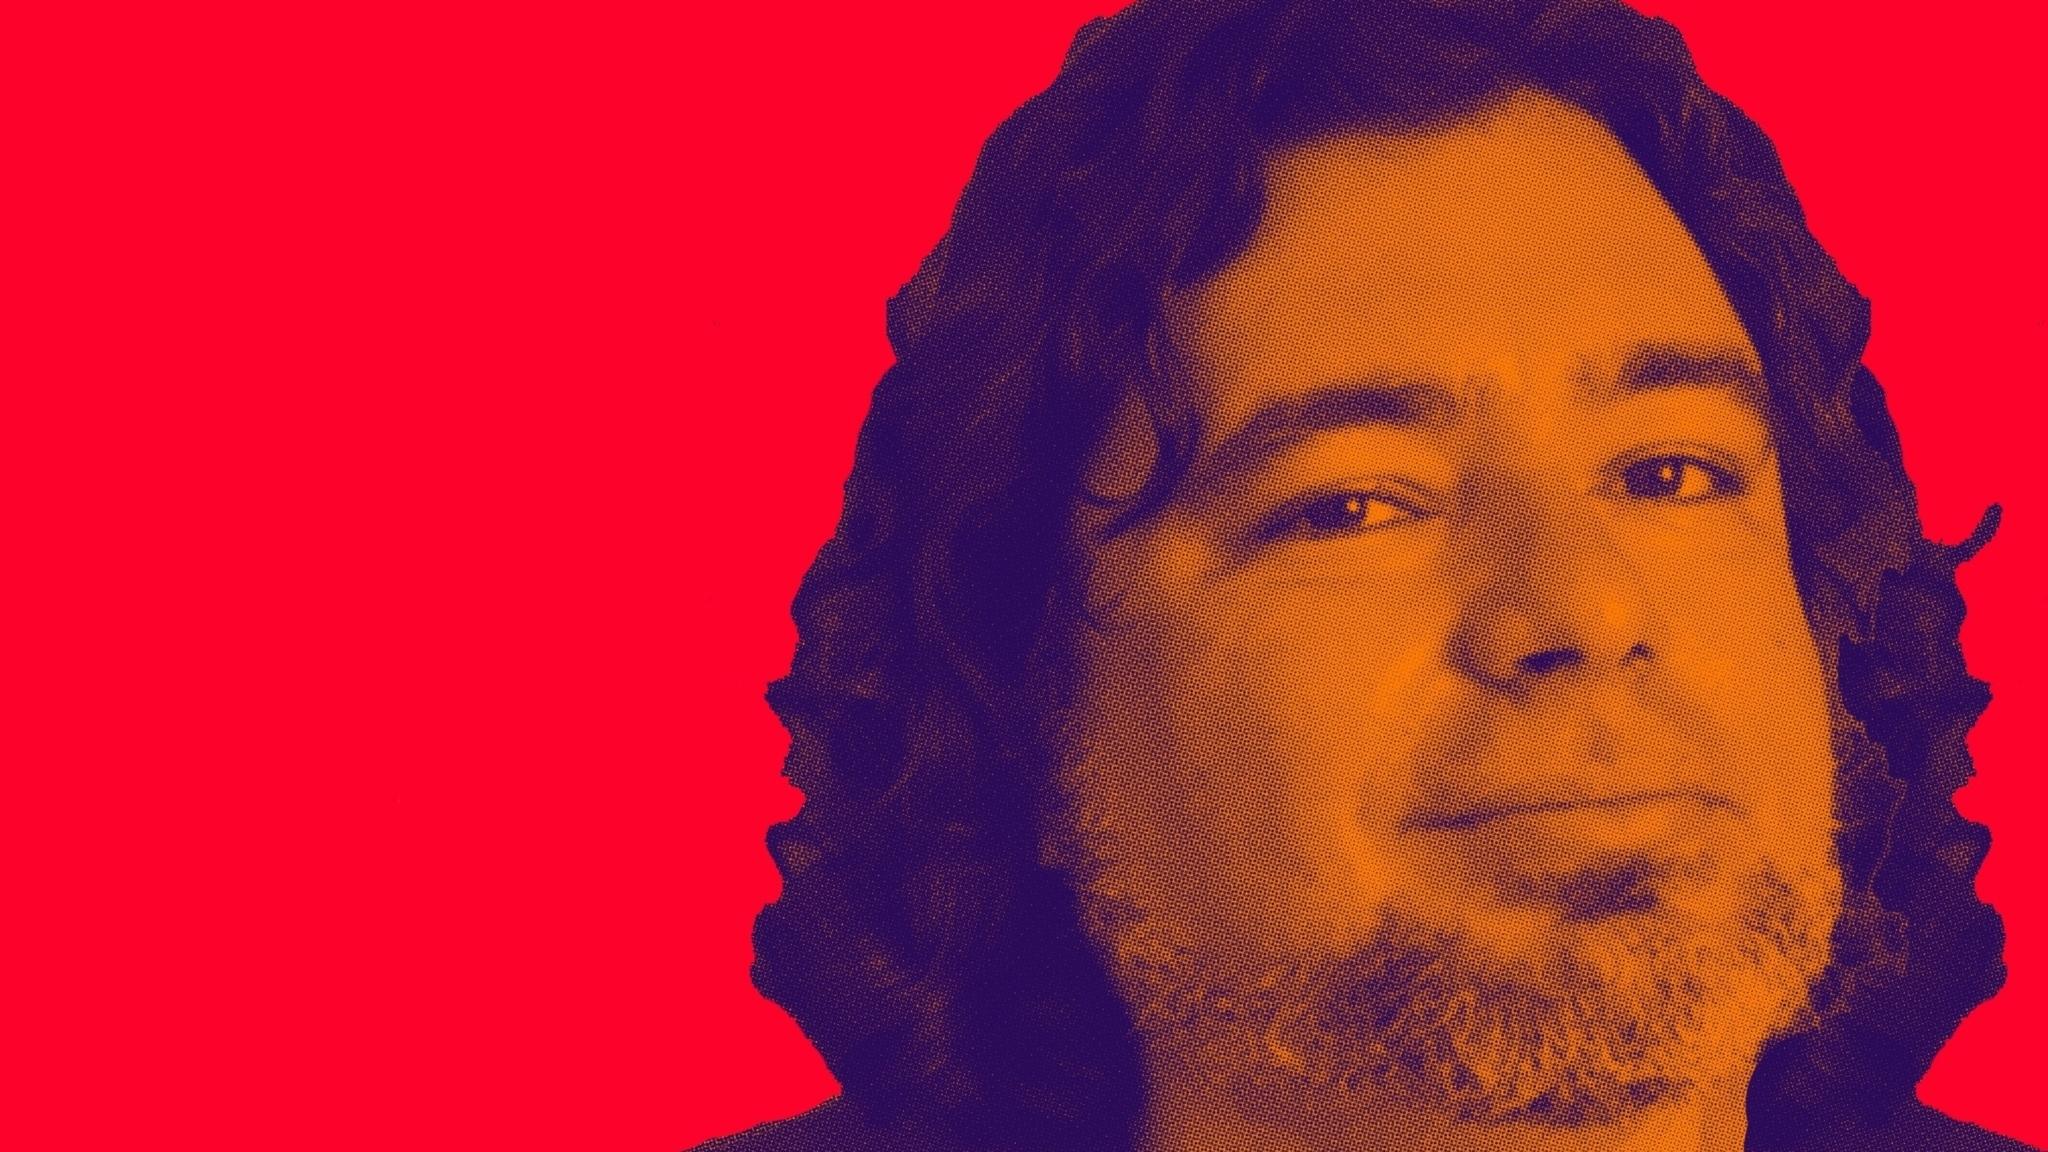 As chamas da perplexidade: a poesia de Andityas Soares de Moura